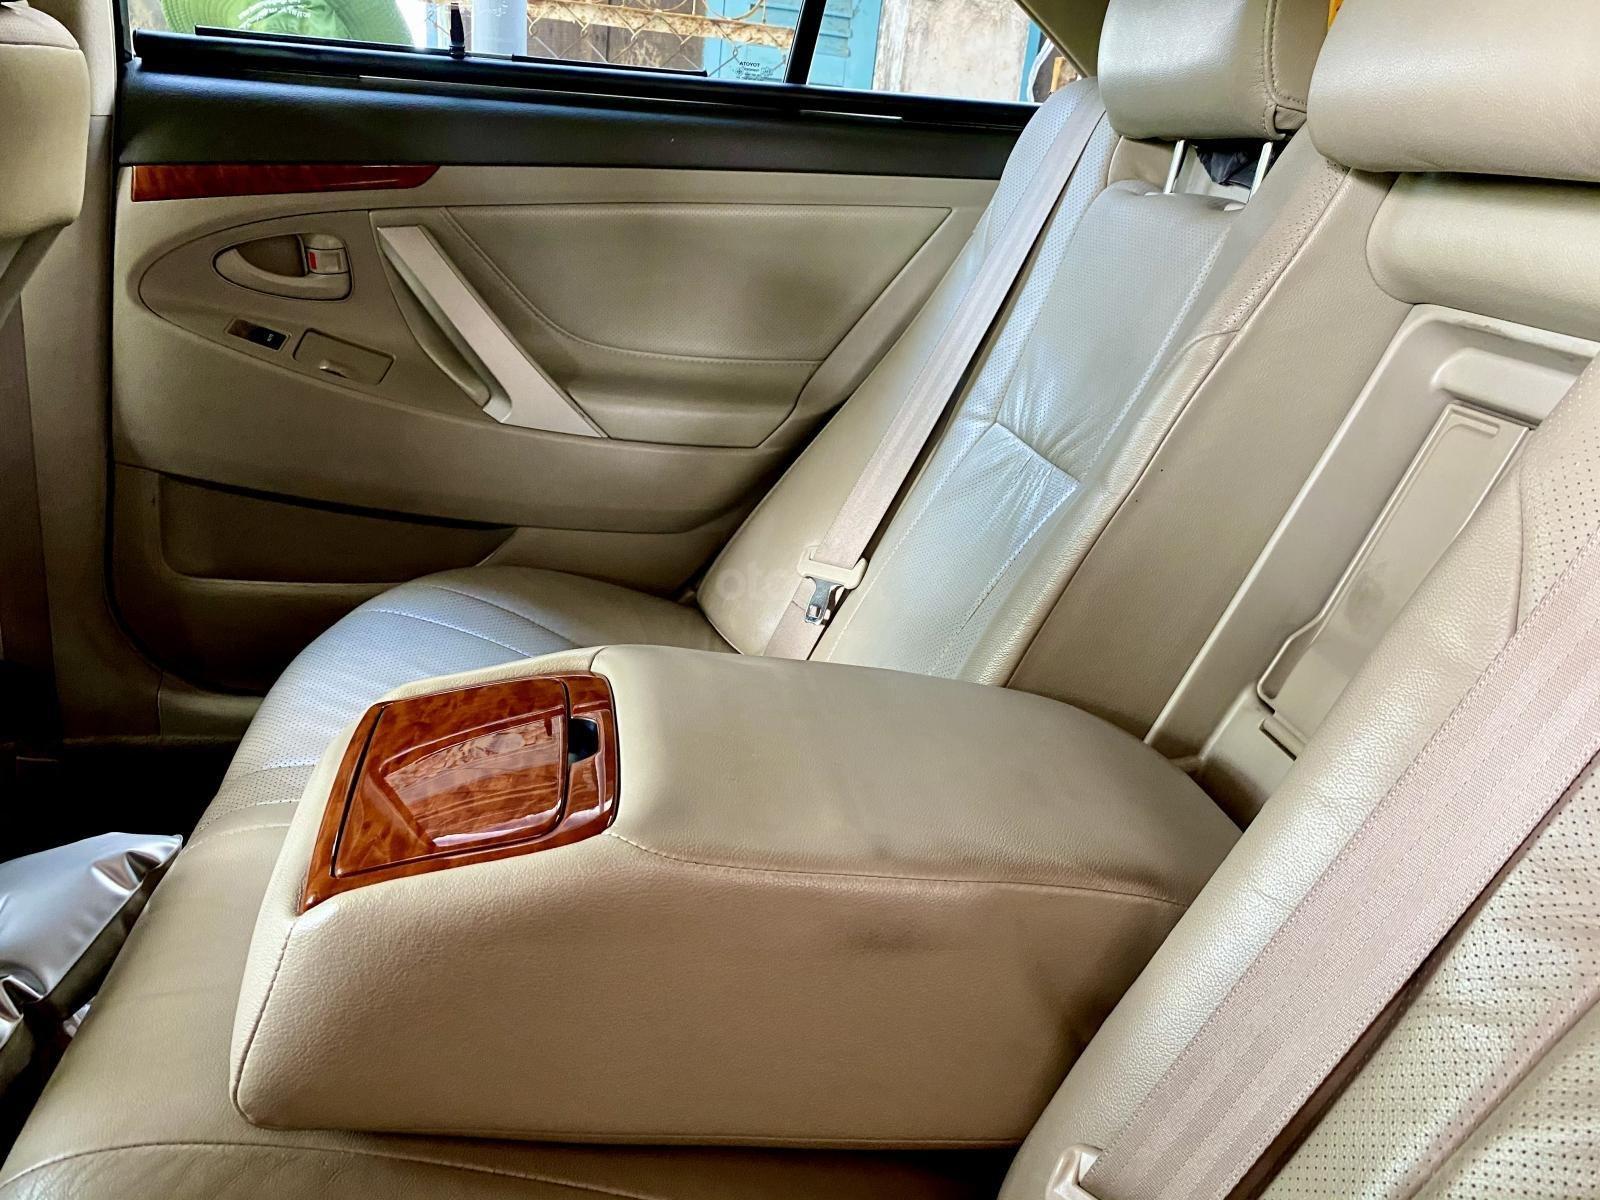 Nhu cầu đổi SUV cần bán Camry 2,4G, 2012 hoàn hảo (7)